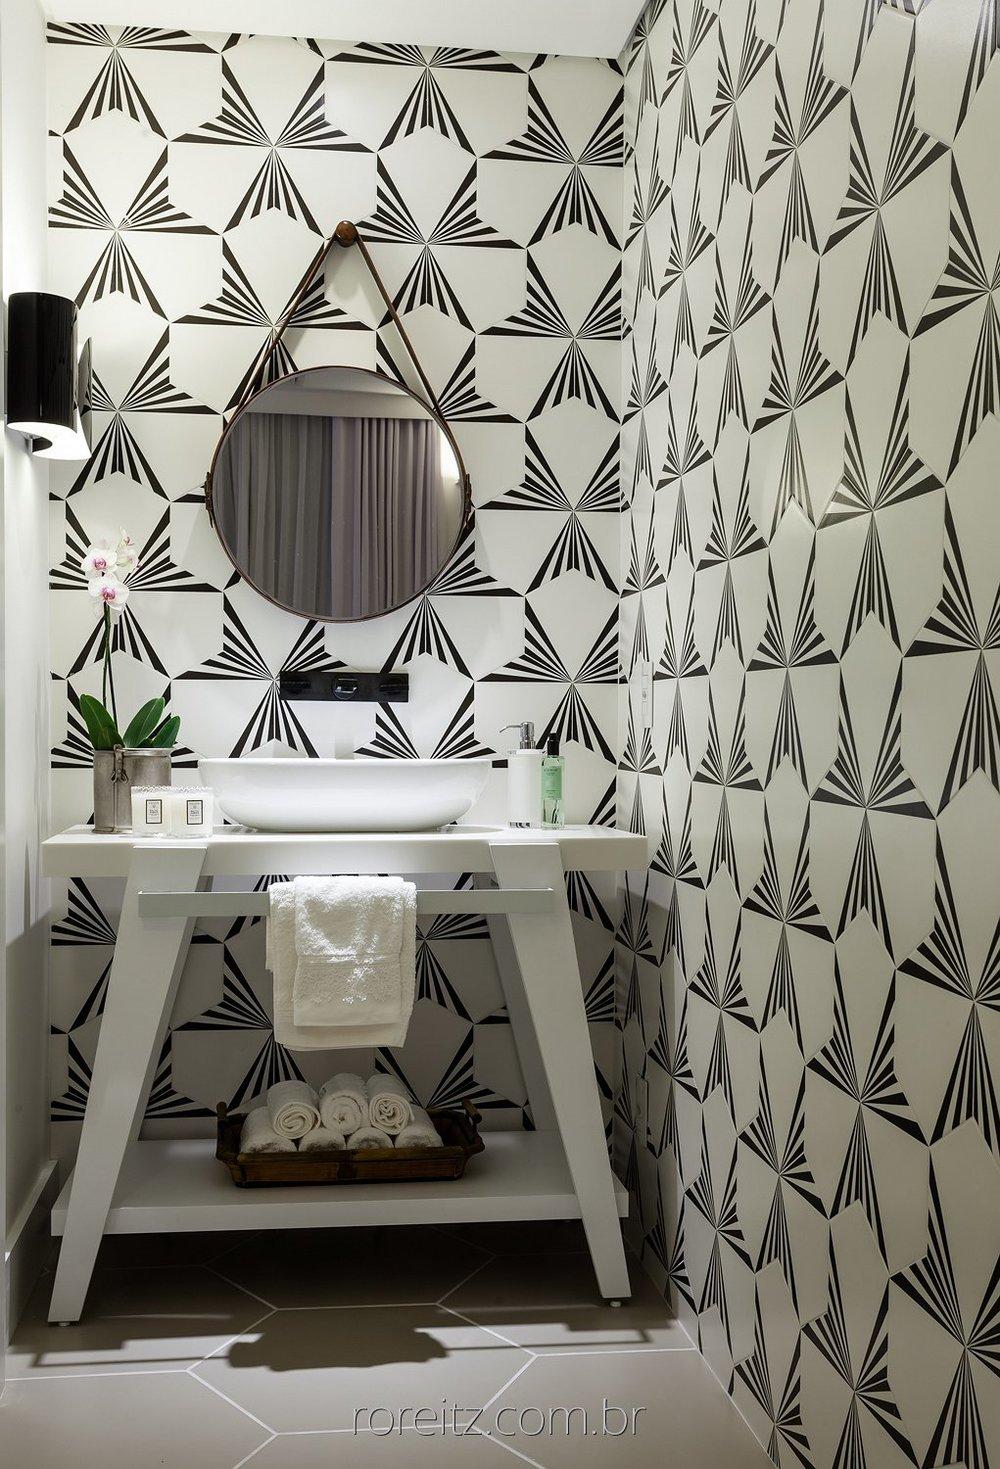 dicas-para-banheiro-pequeno-Banheiro-pequeno-com-solucoes-criativas